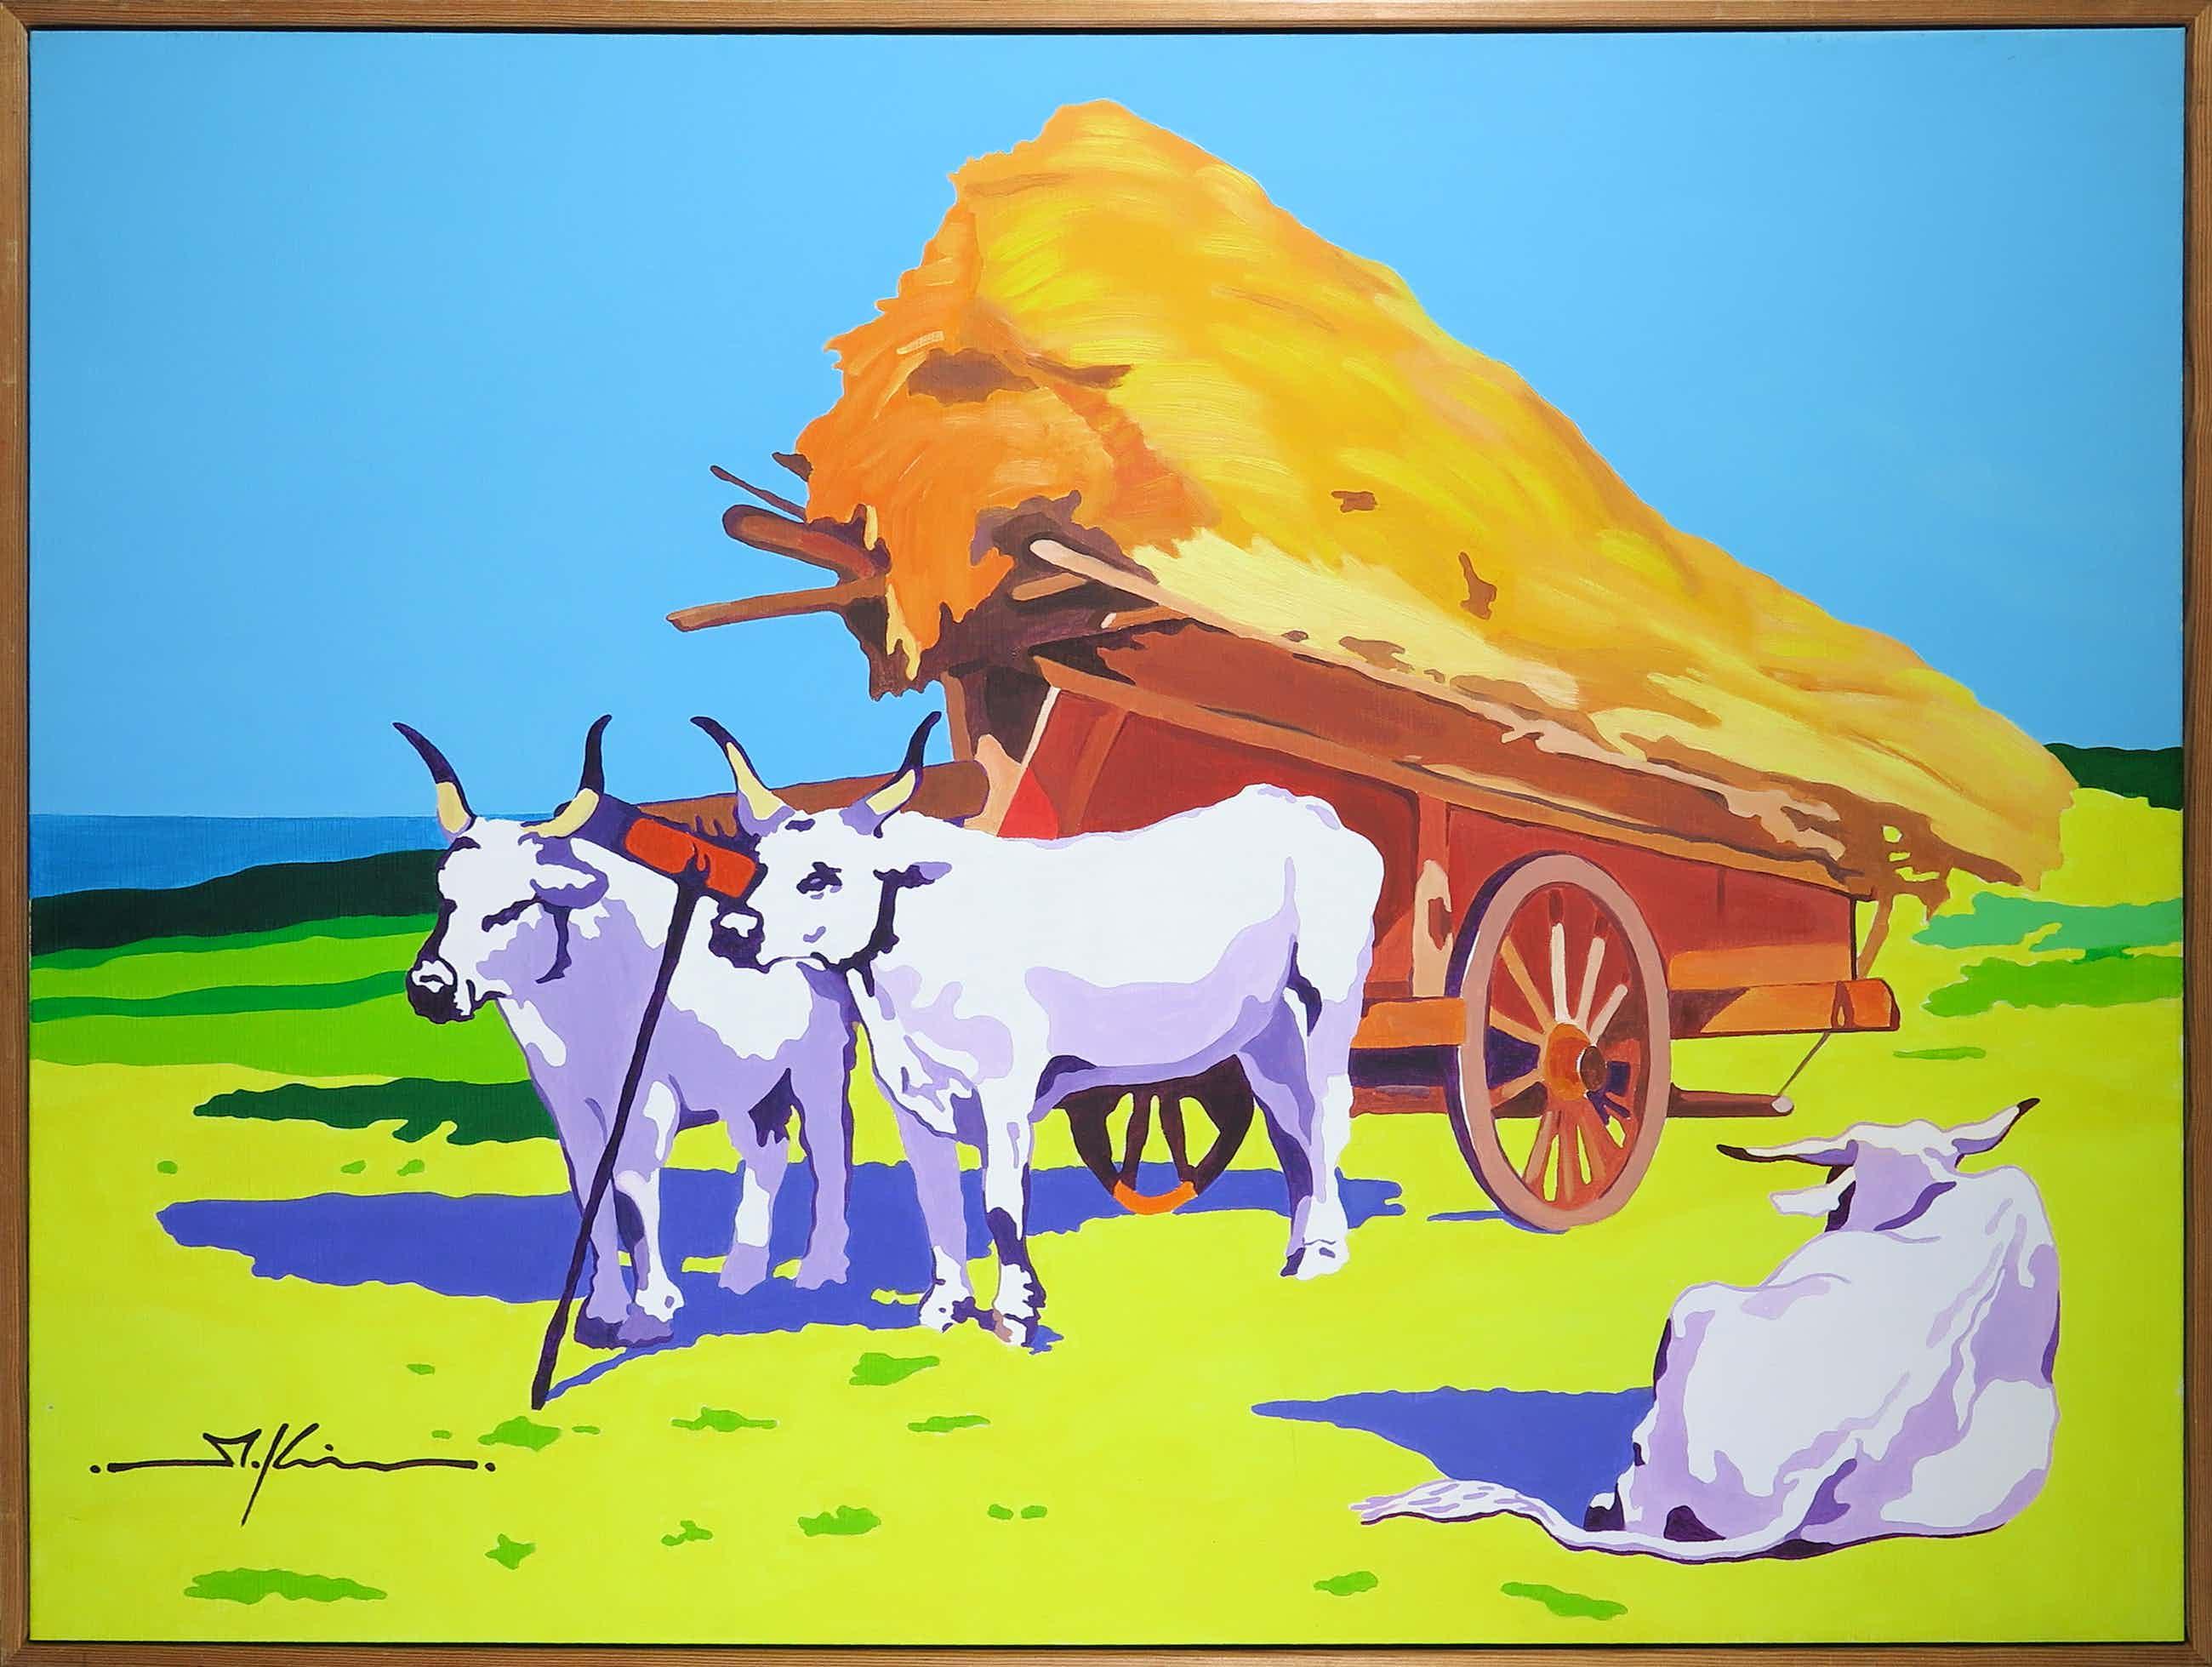 Marco Kooiman - Olieverf op doek, Three oxen and haycart - Ingelijst (Groot) kopen? Bied vanaf 200!